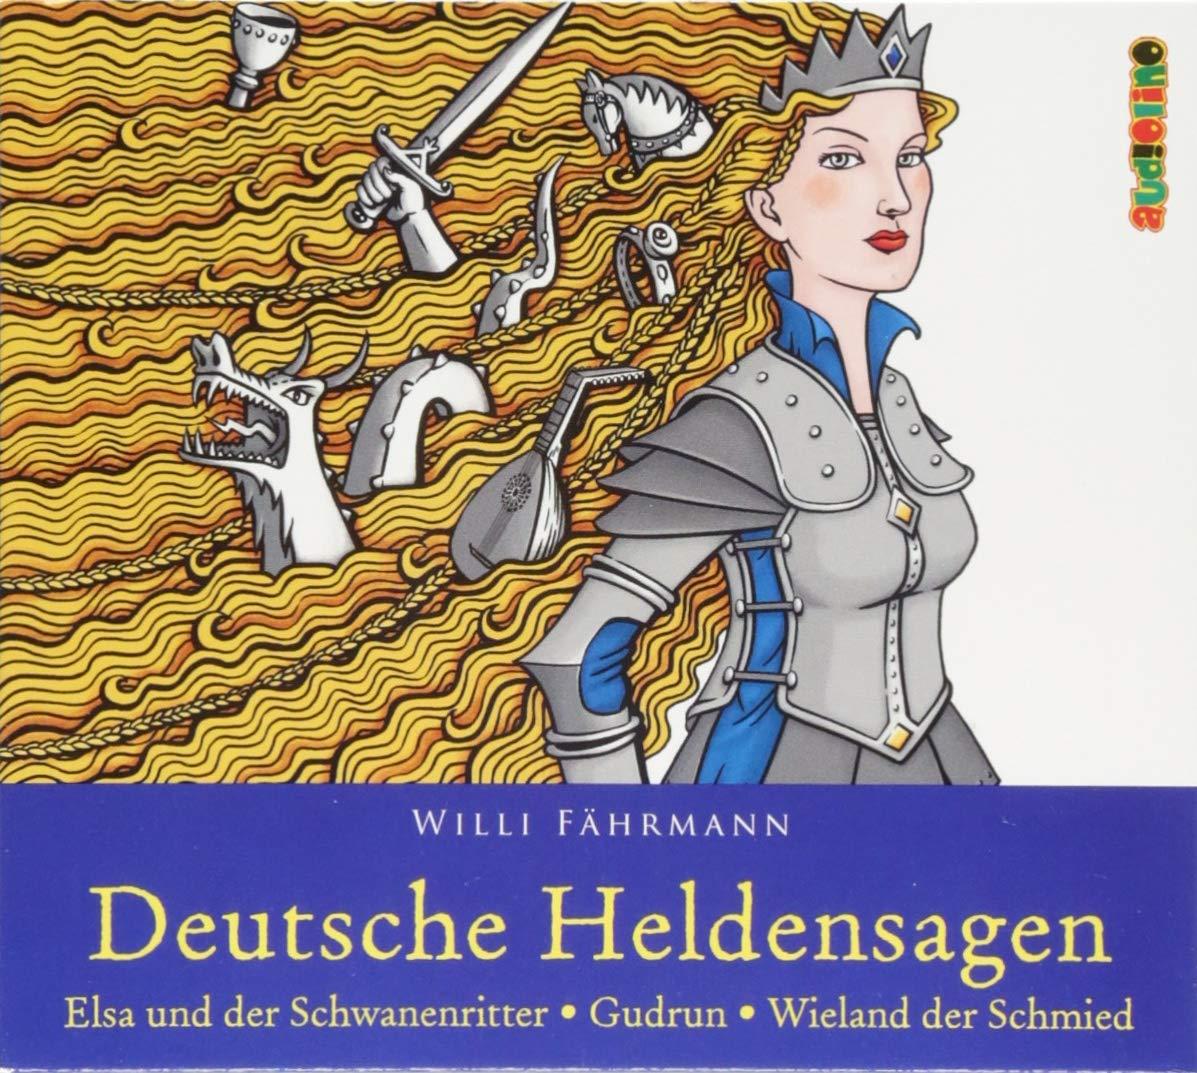 Elsa und der Schwanenritter/Gudrun/Wieland der Schmied: Deutsche Heldensagen 2